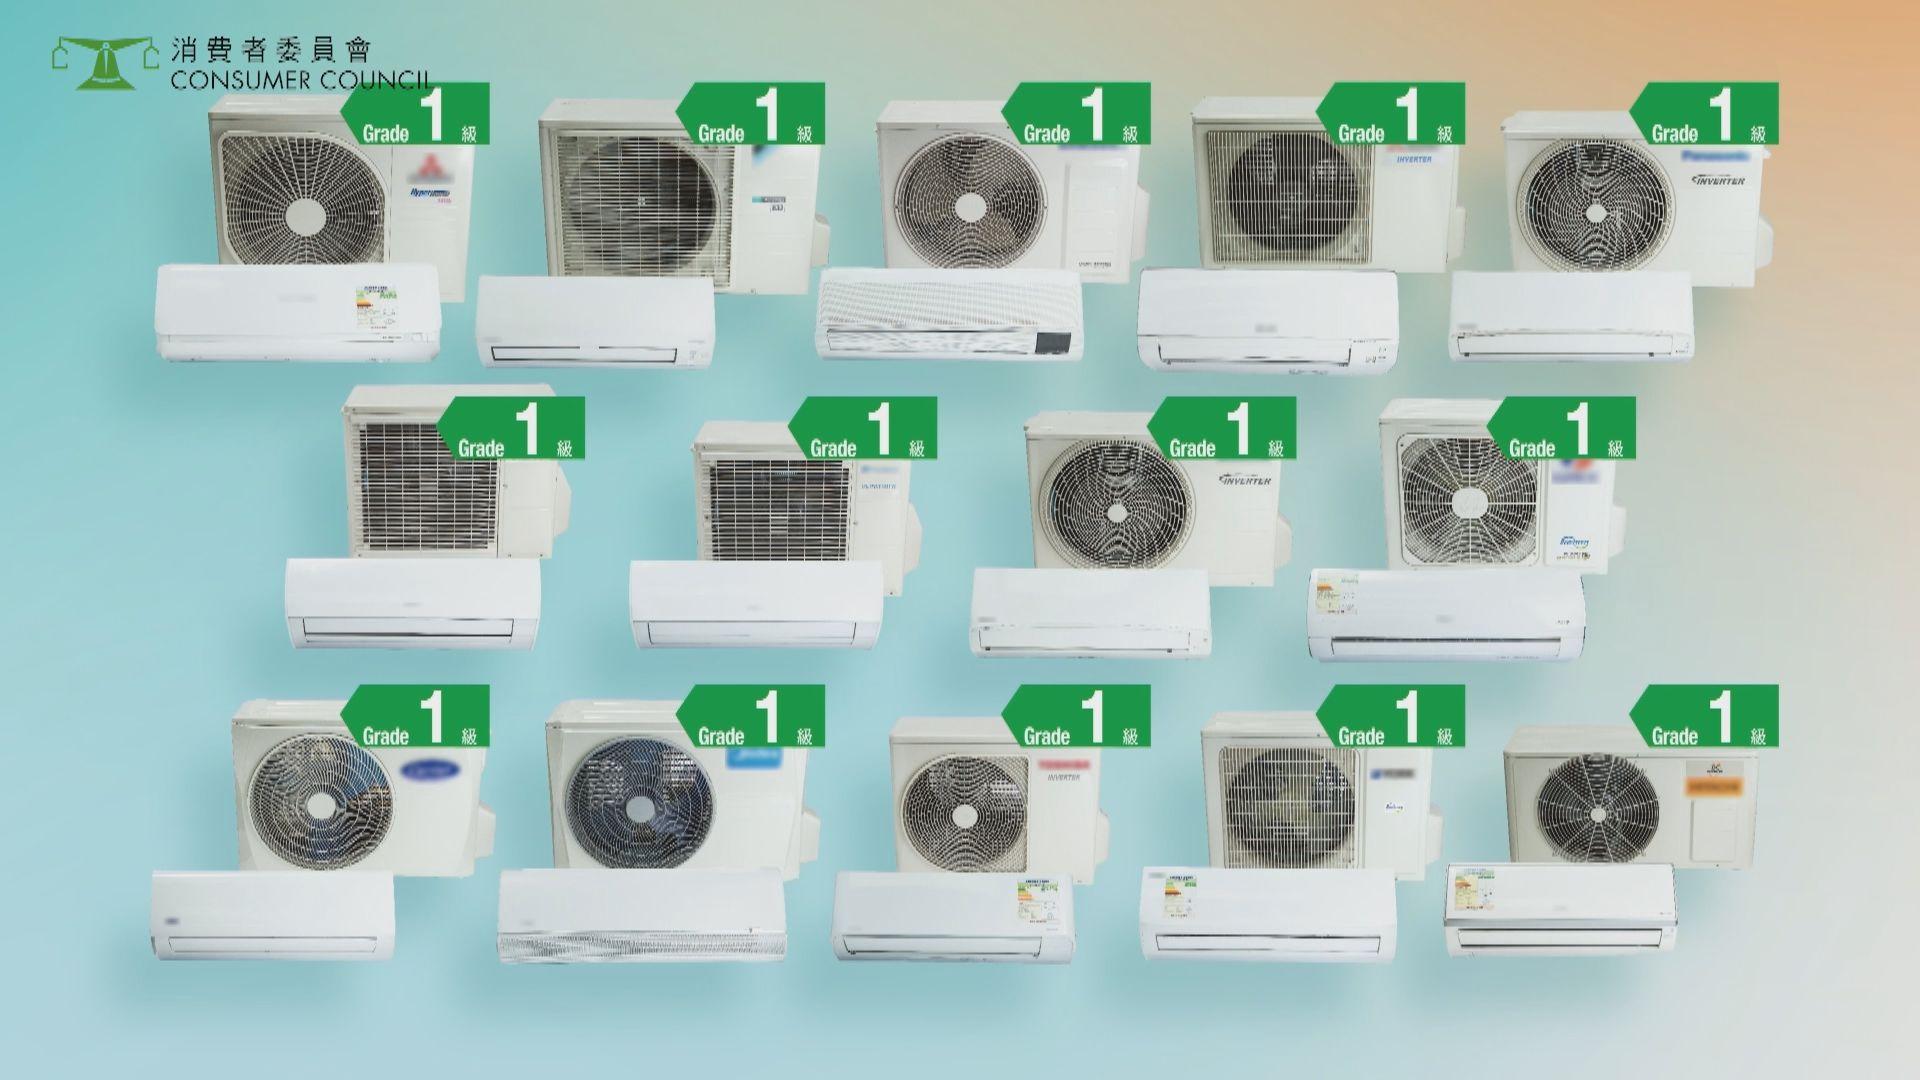 消委會測試14款冷氣機 慳電程度存有差異